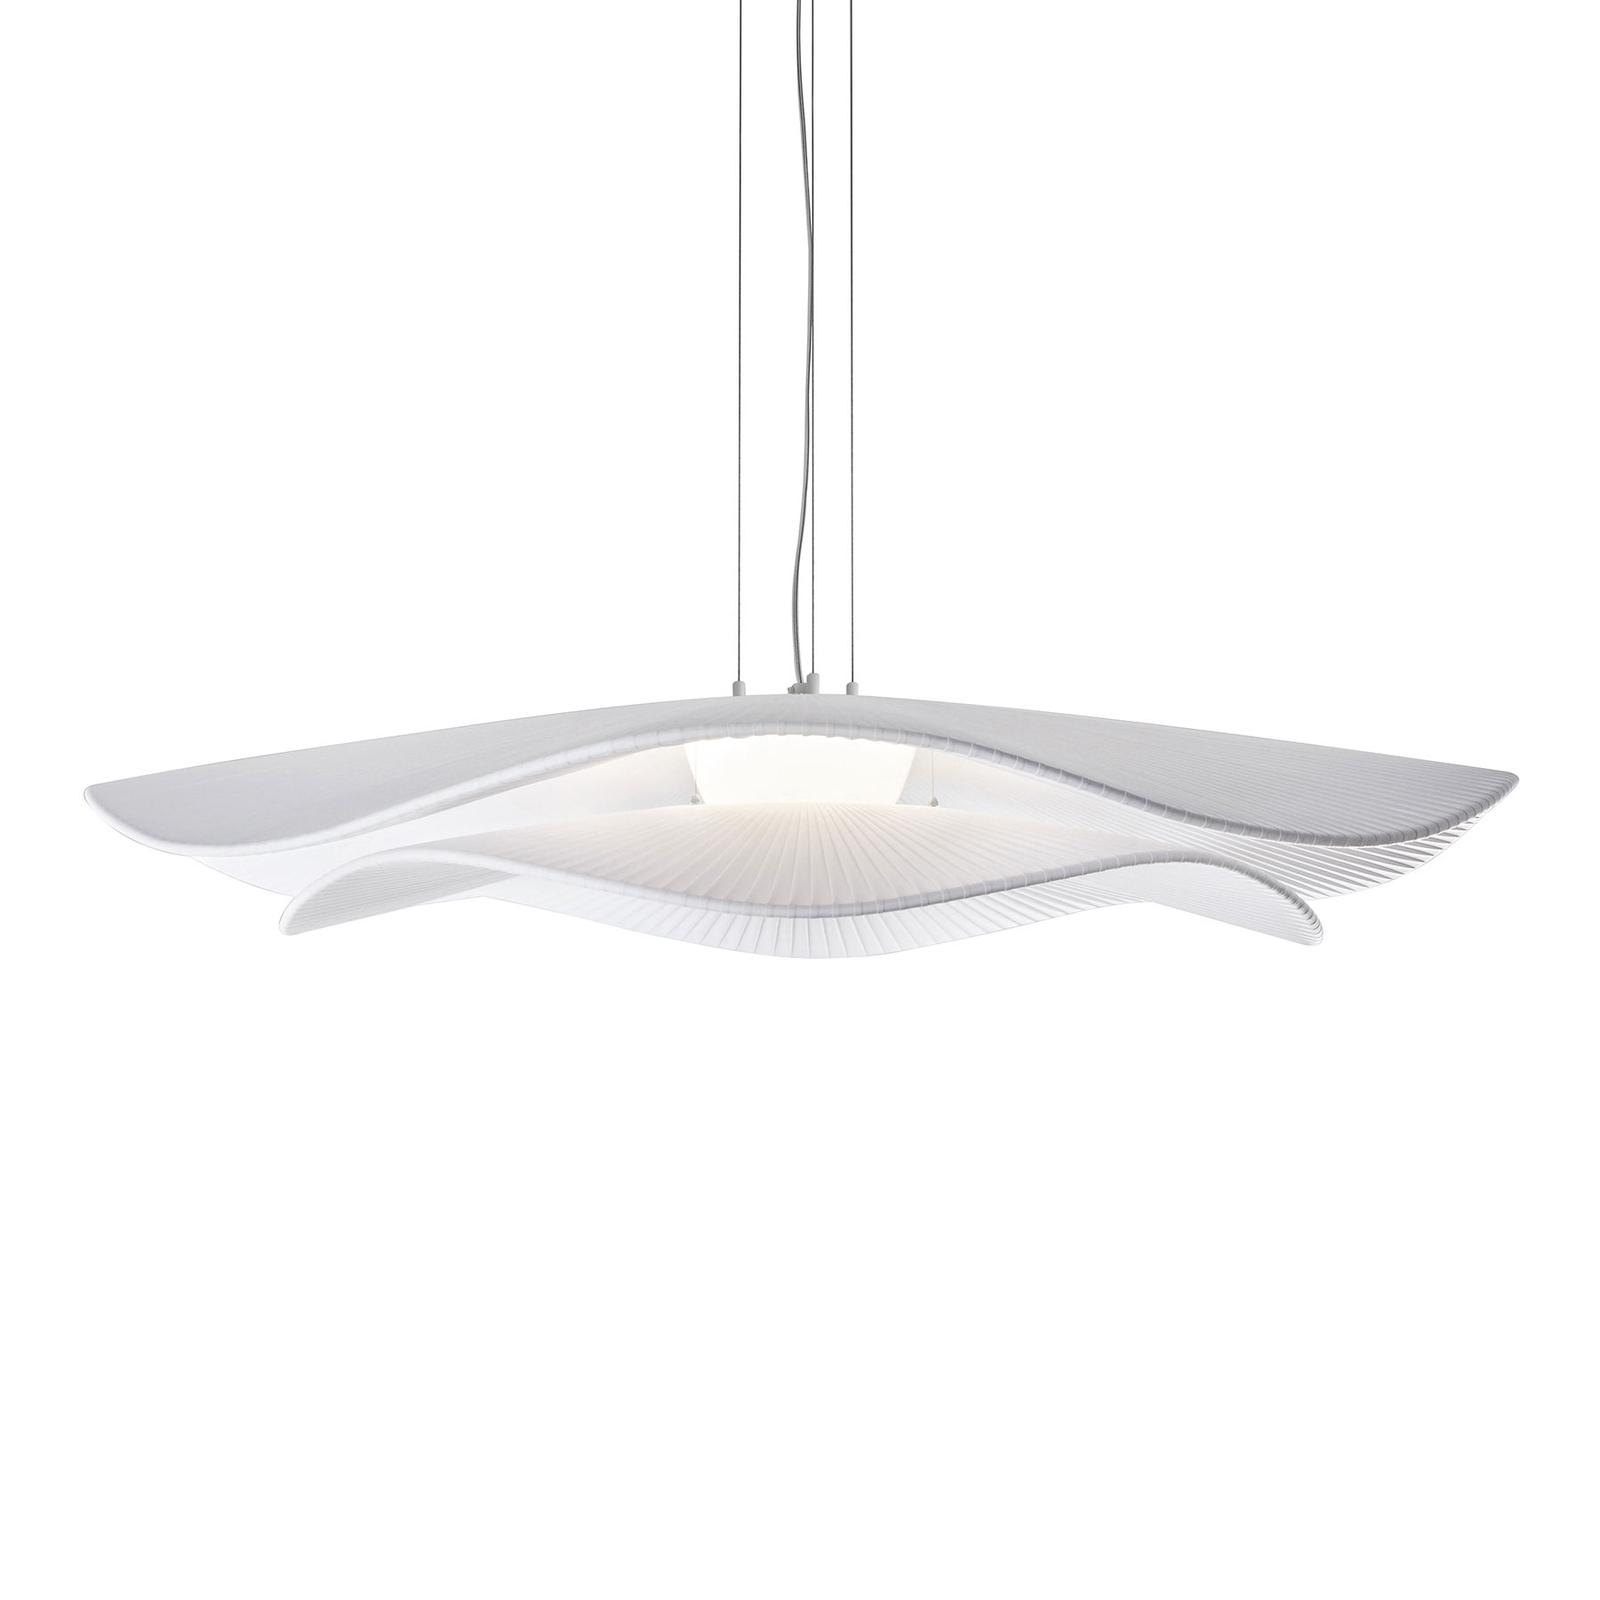 Bover Mediterrània LED-Hängelampe 2 Schirme weiß